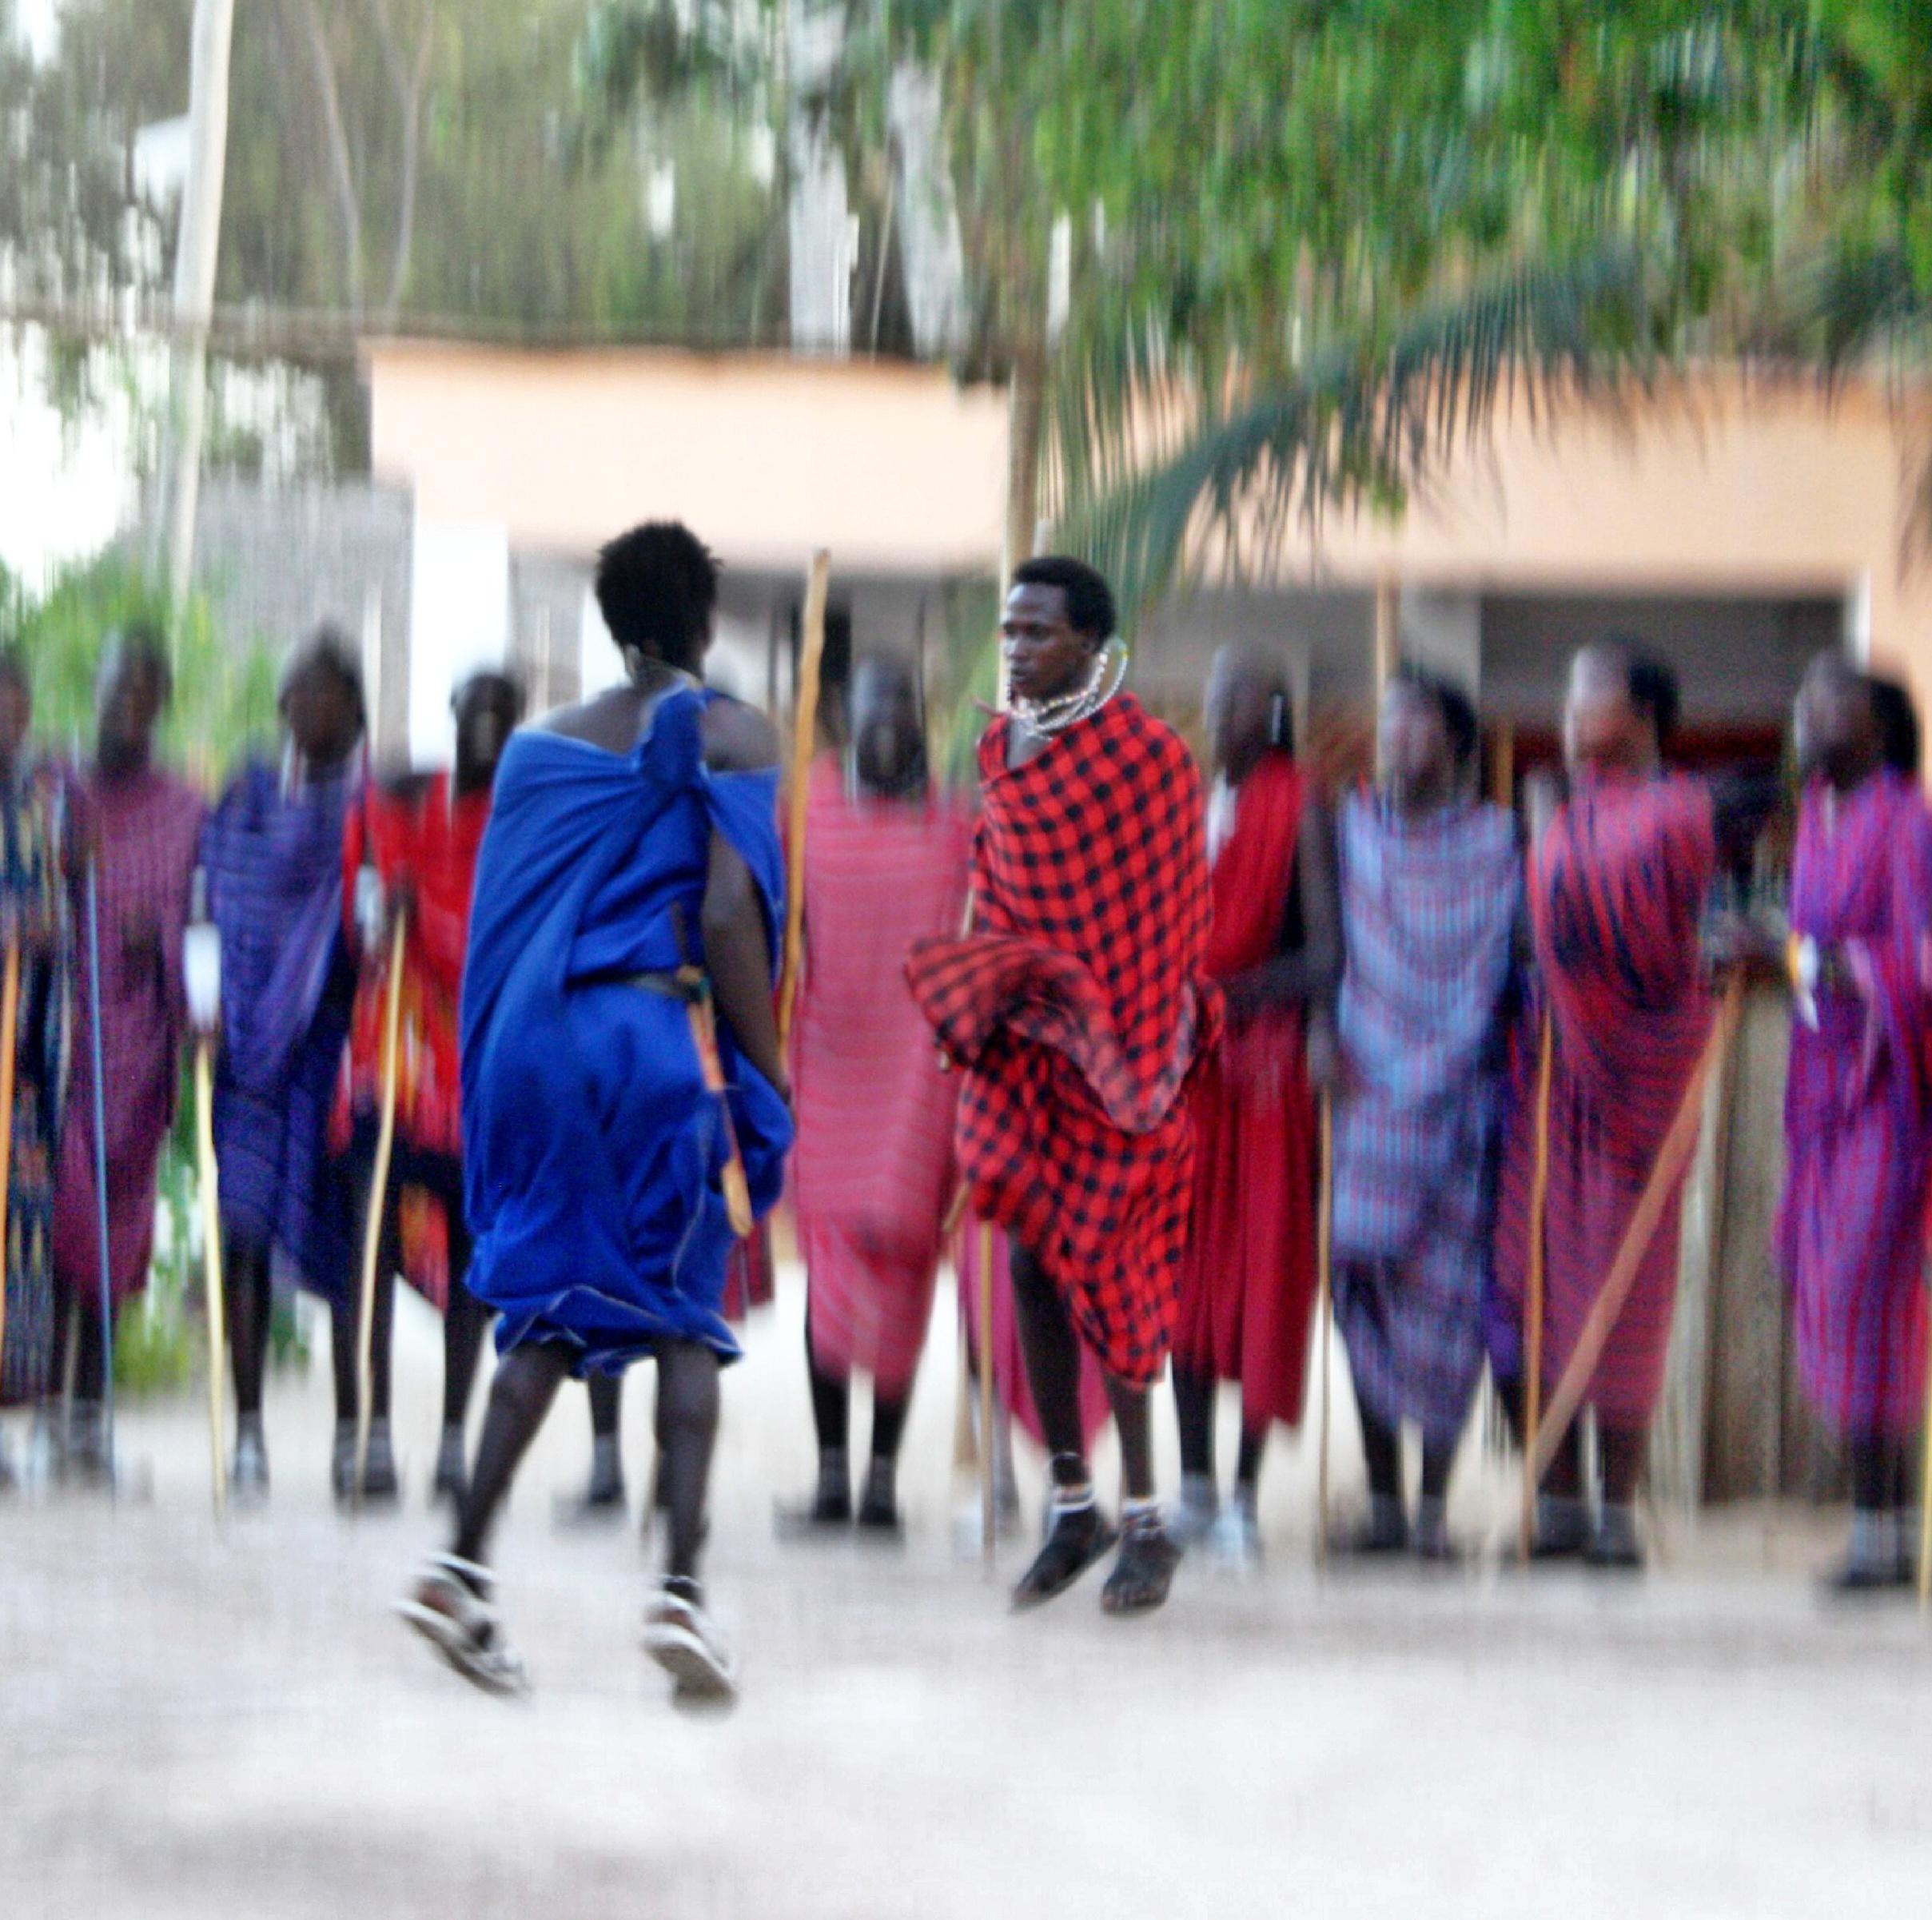 Zanzibar-masai-show-jump-red-blue.jpg